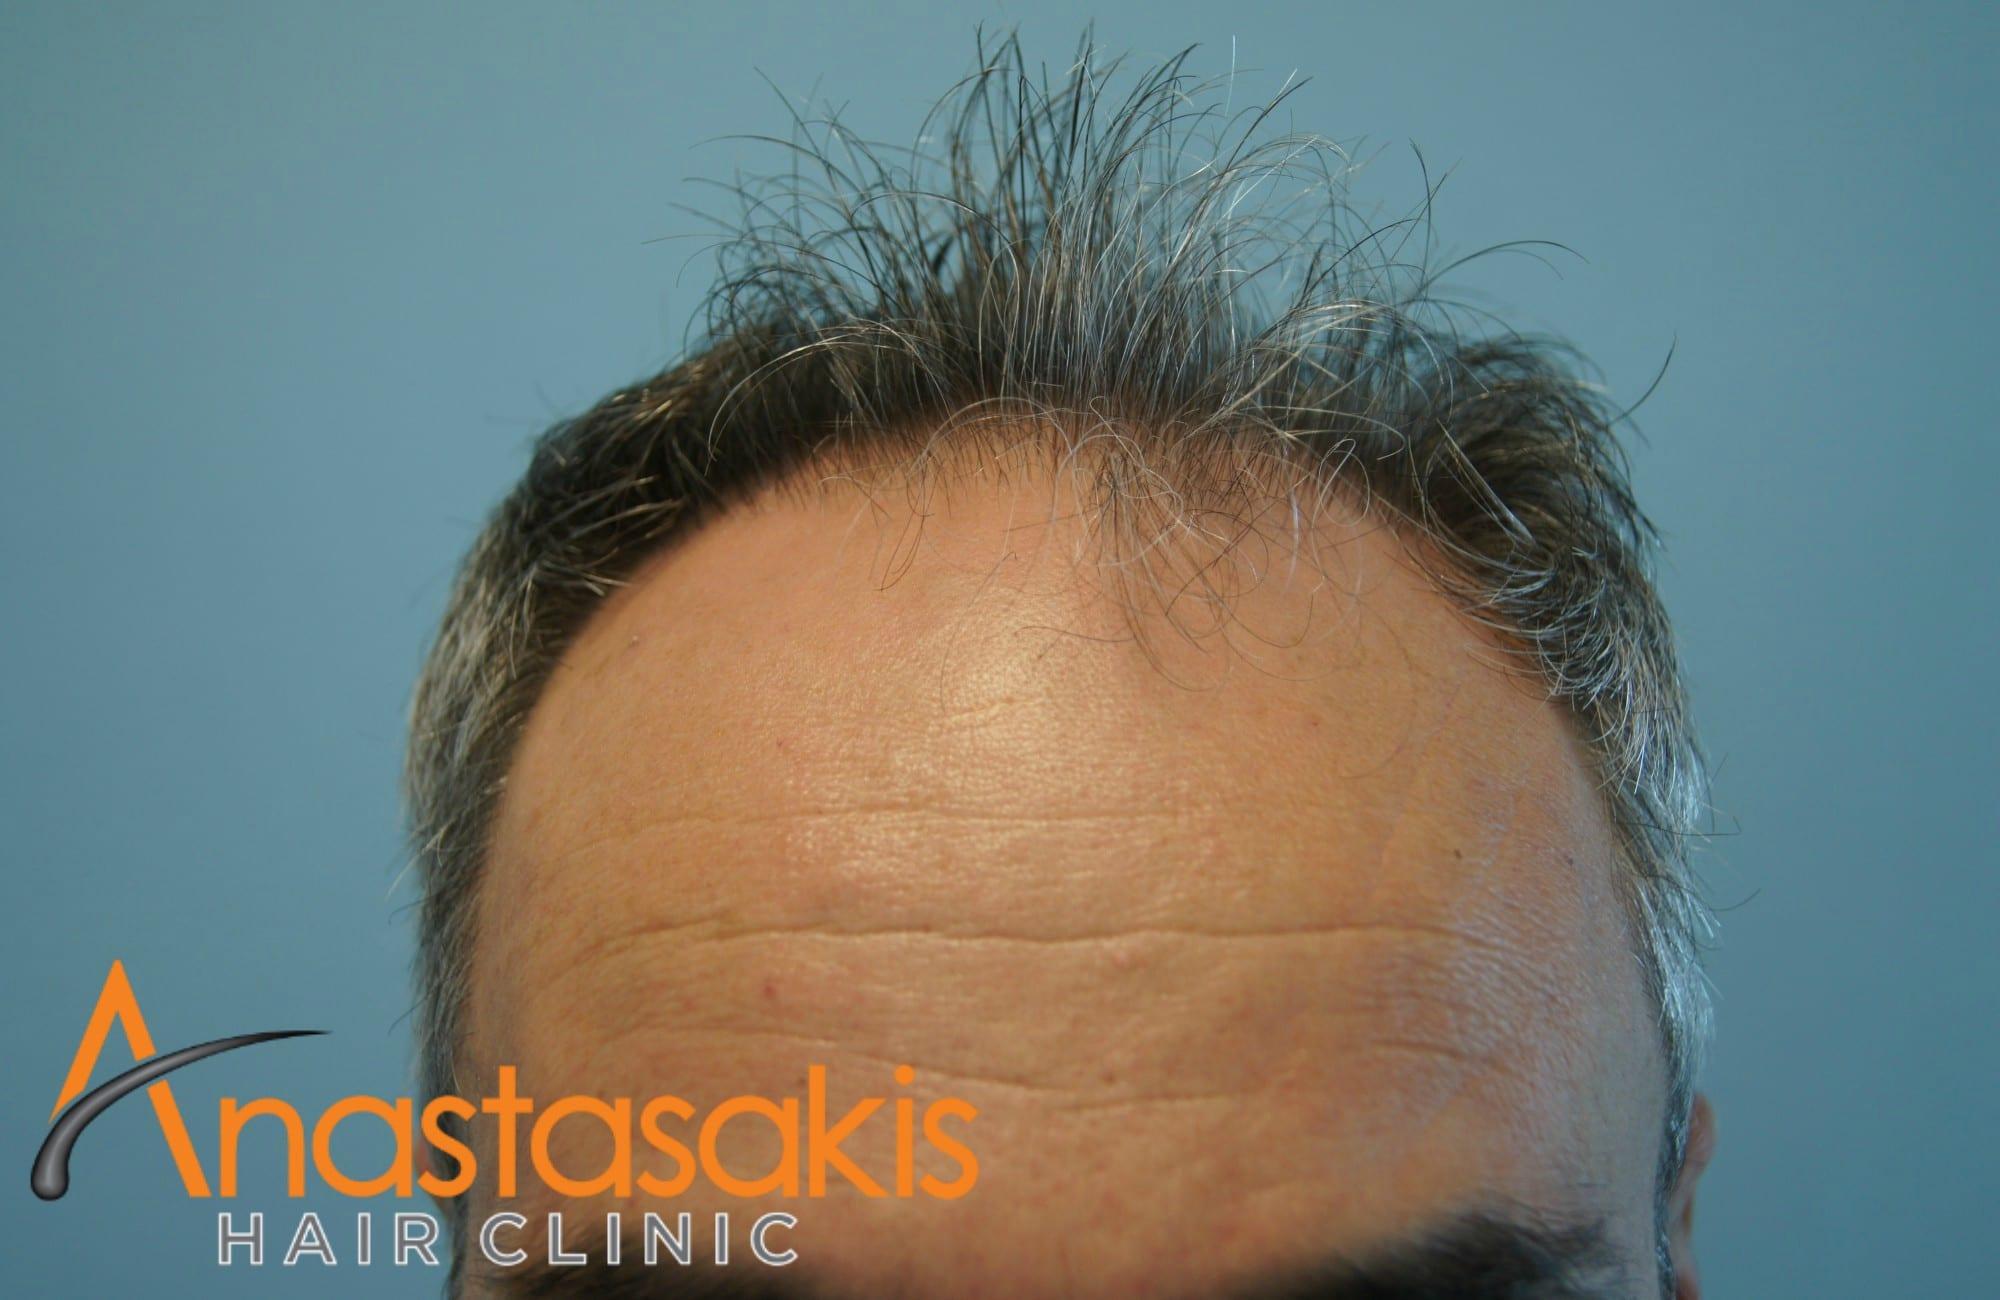 hairline ασθενους πριν τη μεταμόσχευσή μαλλιών με 3500 fus